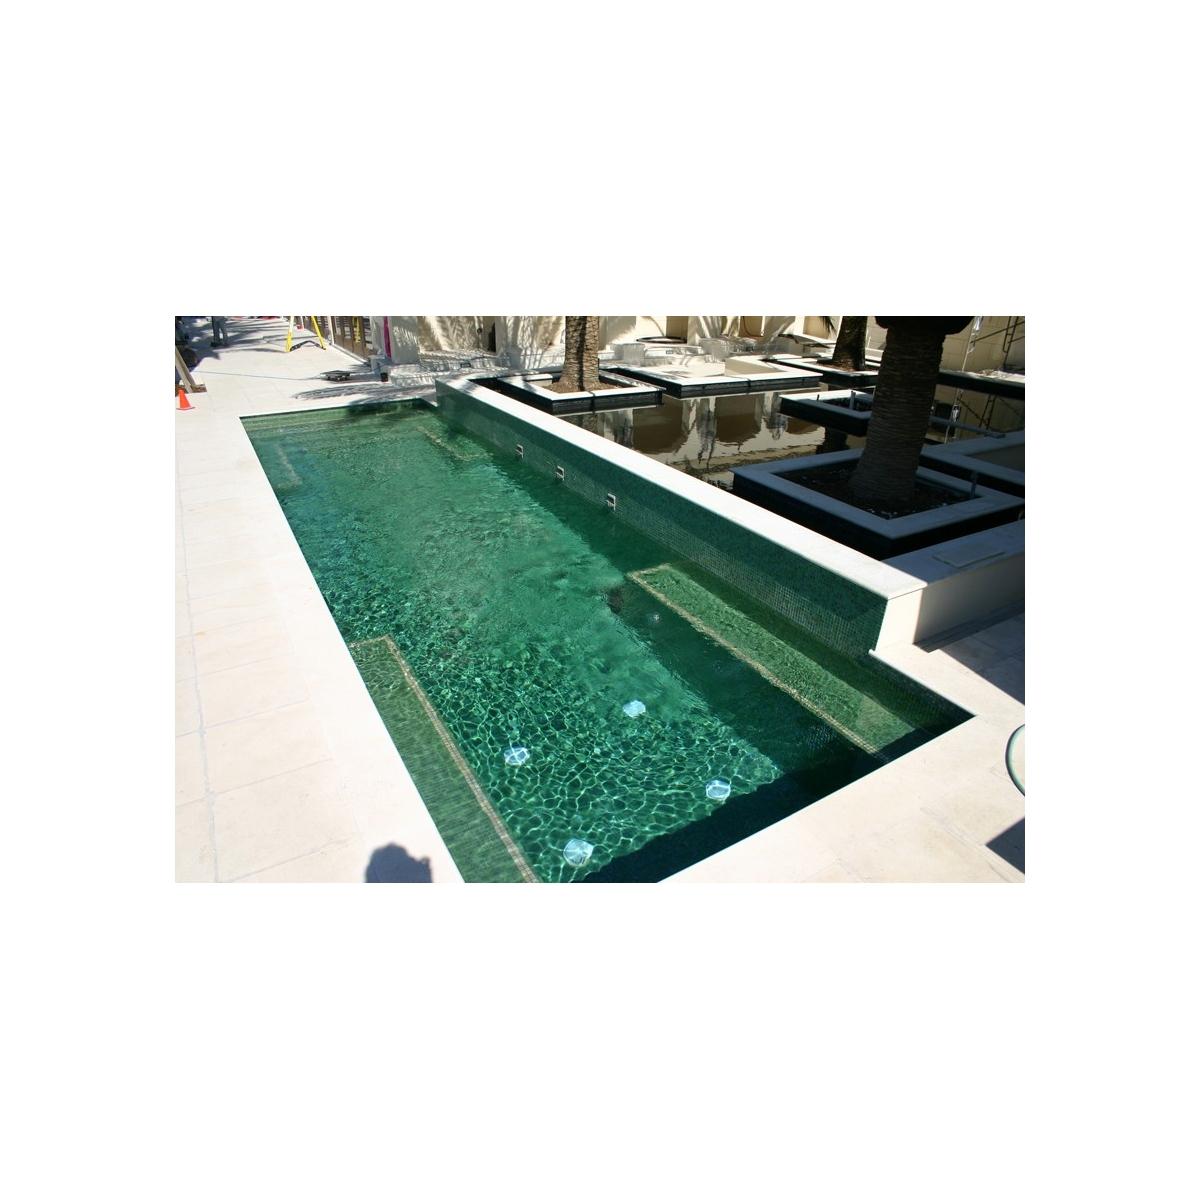 Gresite para piscina Verde Claro Liso (m2) al mejor precio